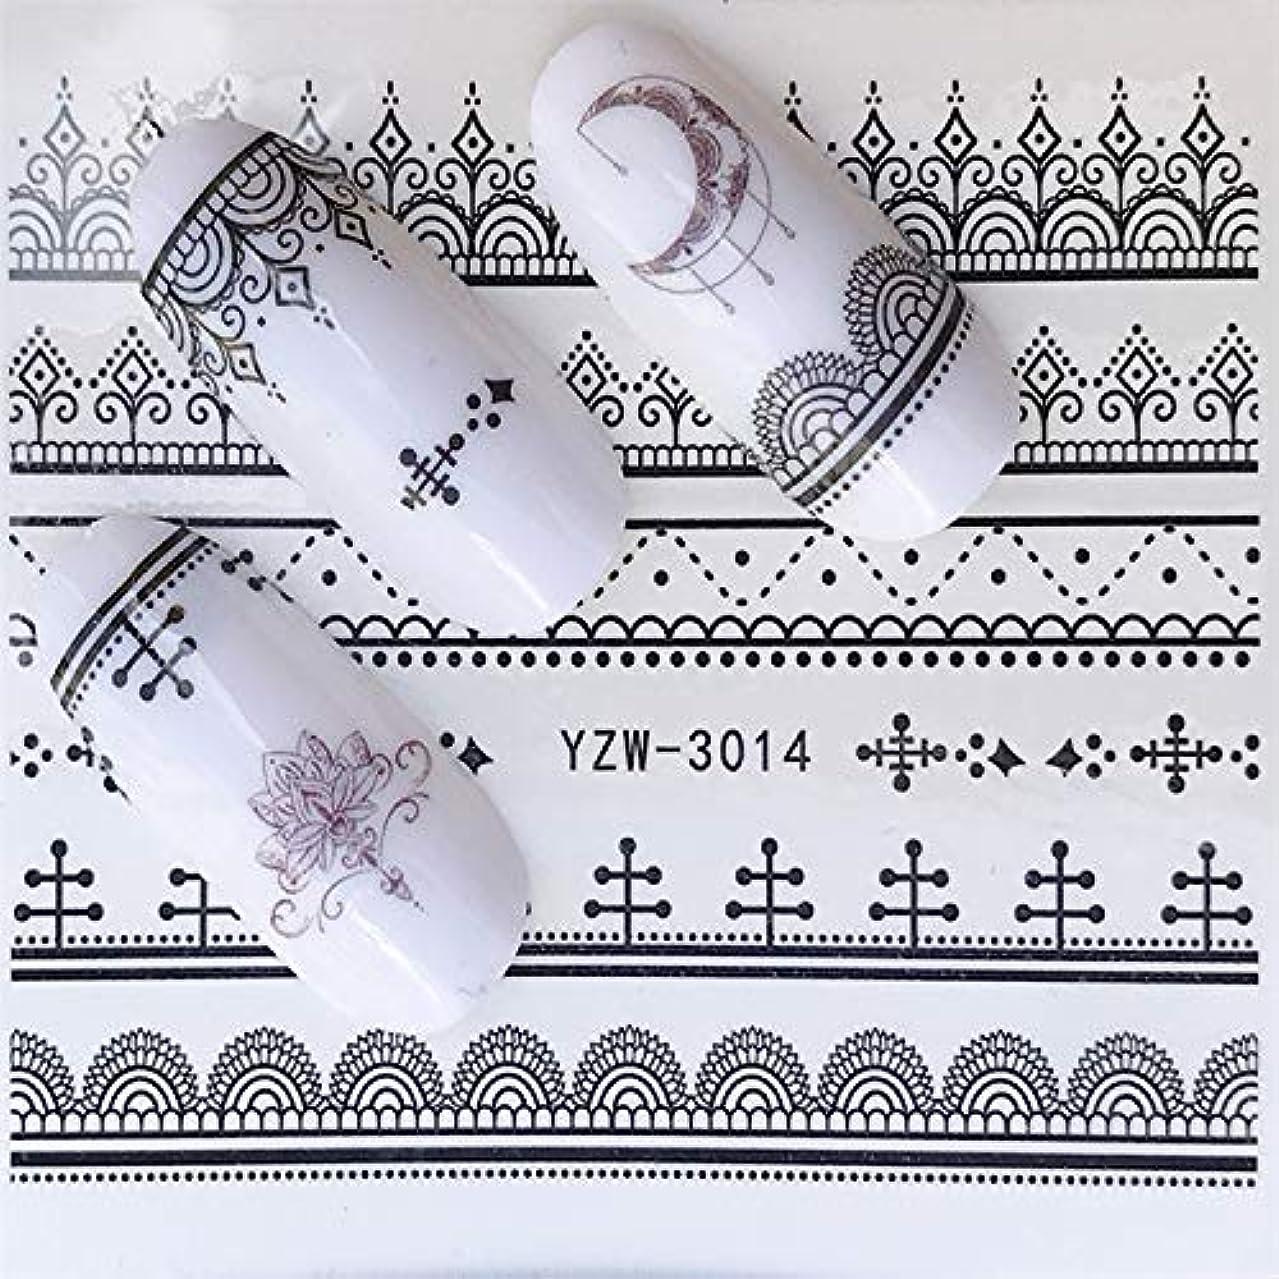 閉じ込めるプレミアム粒手足ビューティーケア 3個ネイルステッカーセットデカール水転写スライダーネイルアートデコレーション(YZW3002) (色 : YZW3014)